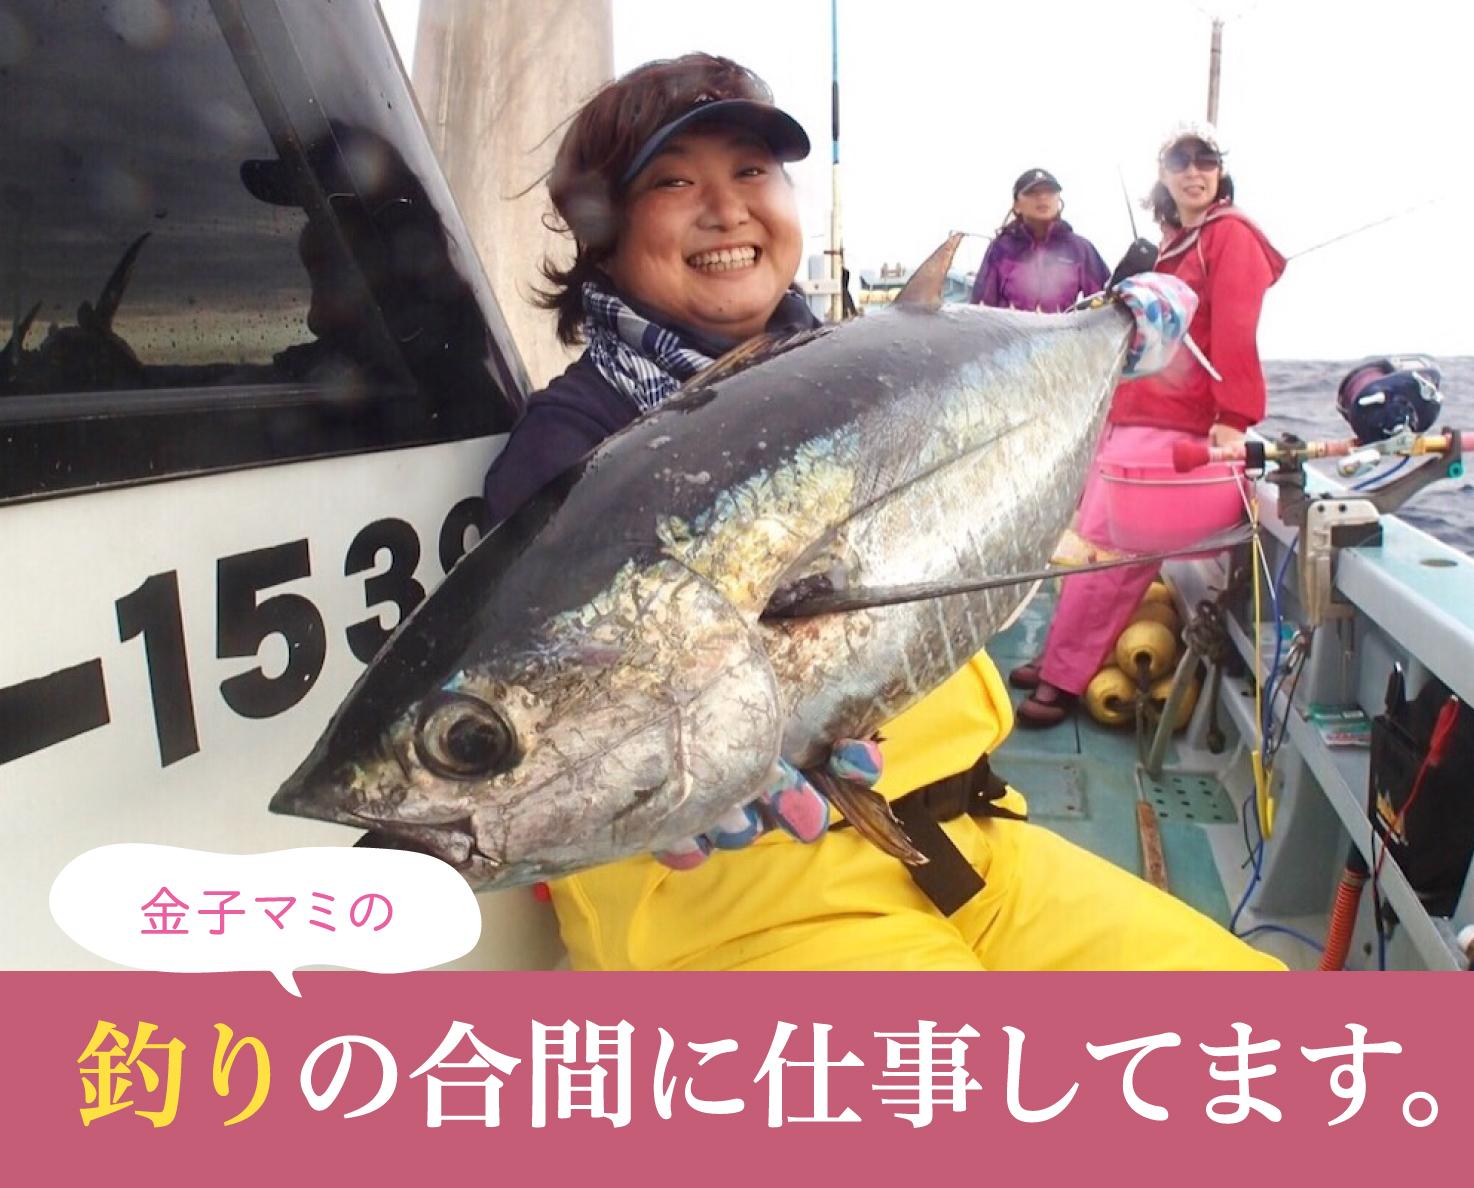 釣りの現場に女性が少なかったよね、という話。- 第1話